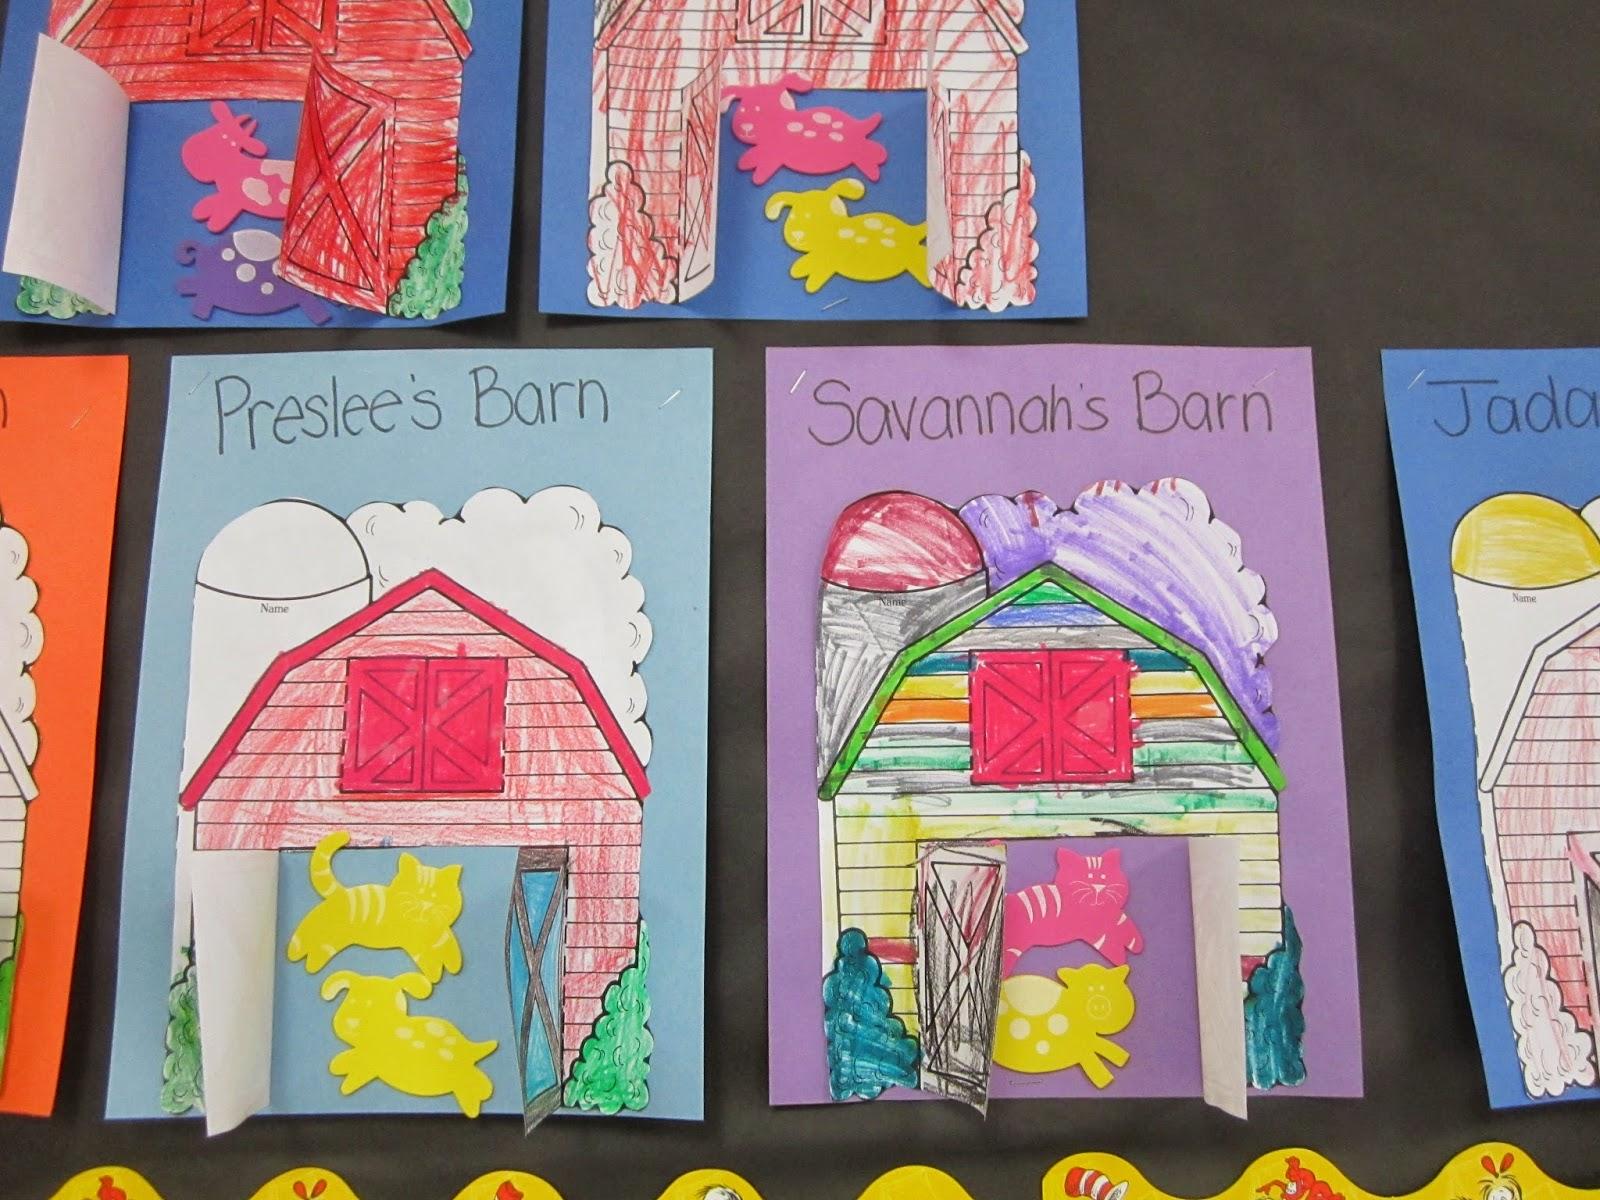 The Pa-Paw Patch, farm theme